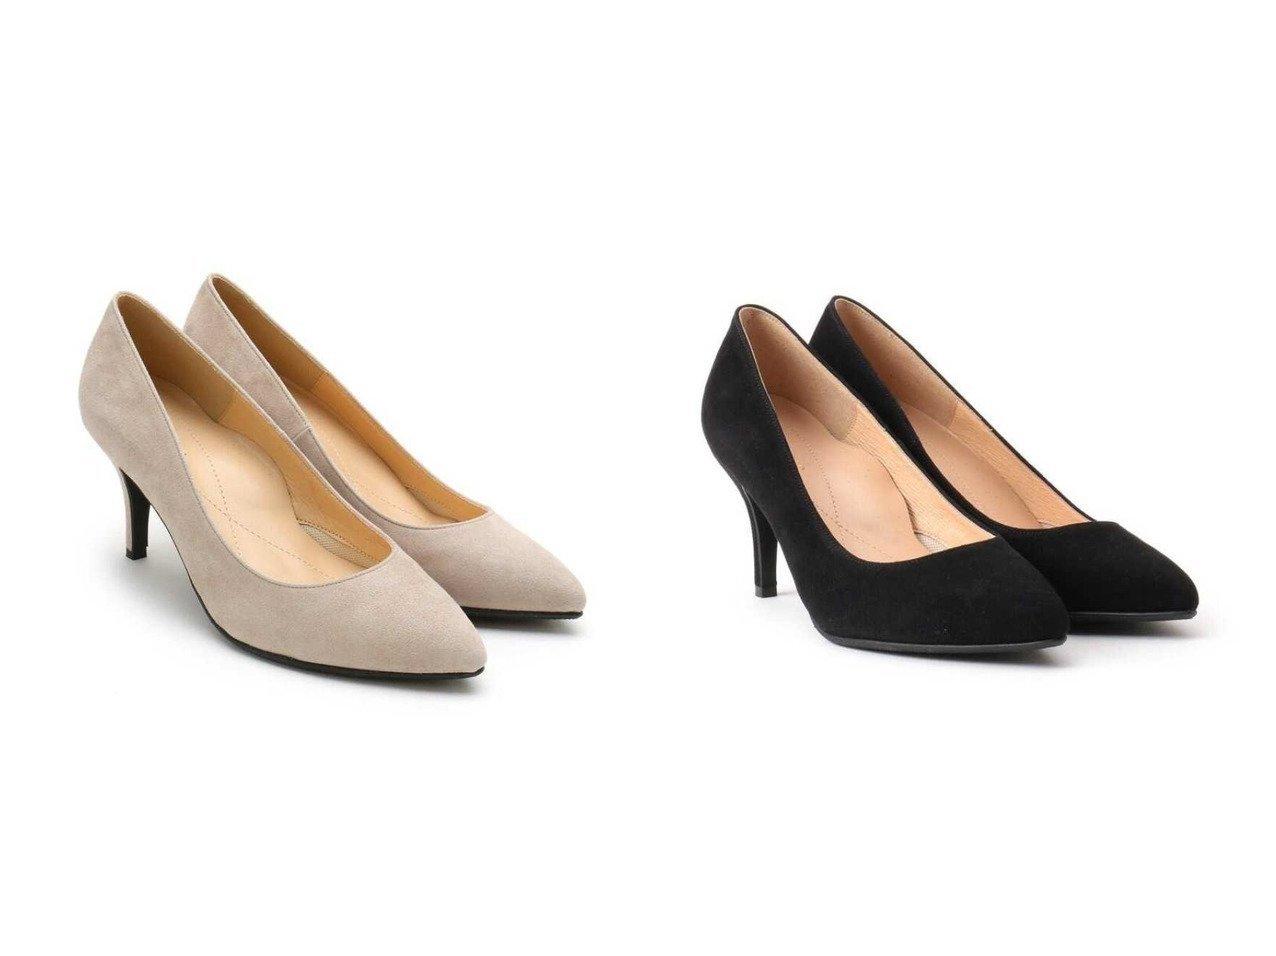 【UNTITLED/アンタイトル】の【抗菌防臭】ドレッサーパンプス(7.5cmヒール) 【シューズ・靴】おすすめ!人気、トレンド・レディースファッションの通販 おすすめで人気の流行・トレンド、ファッションの通販商品 メンズファッション・キッズファッション・インテリア・家具・レディースファッション・服の通販 founy(ファニー) https://founy.com/ ファッション Fashion レディースファッション WOMEN アーモンドトゥ 抗菌 シューズ リアル |ID:crp329100000028470